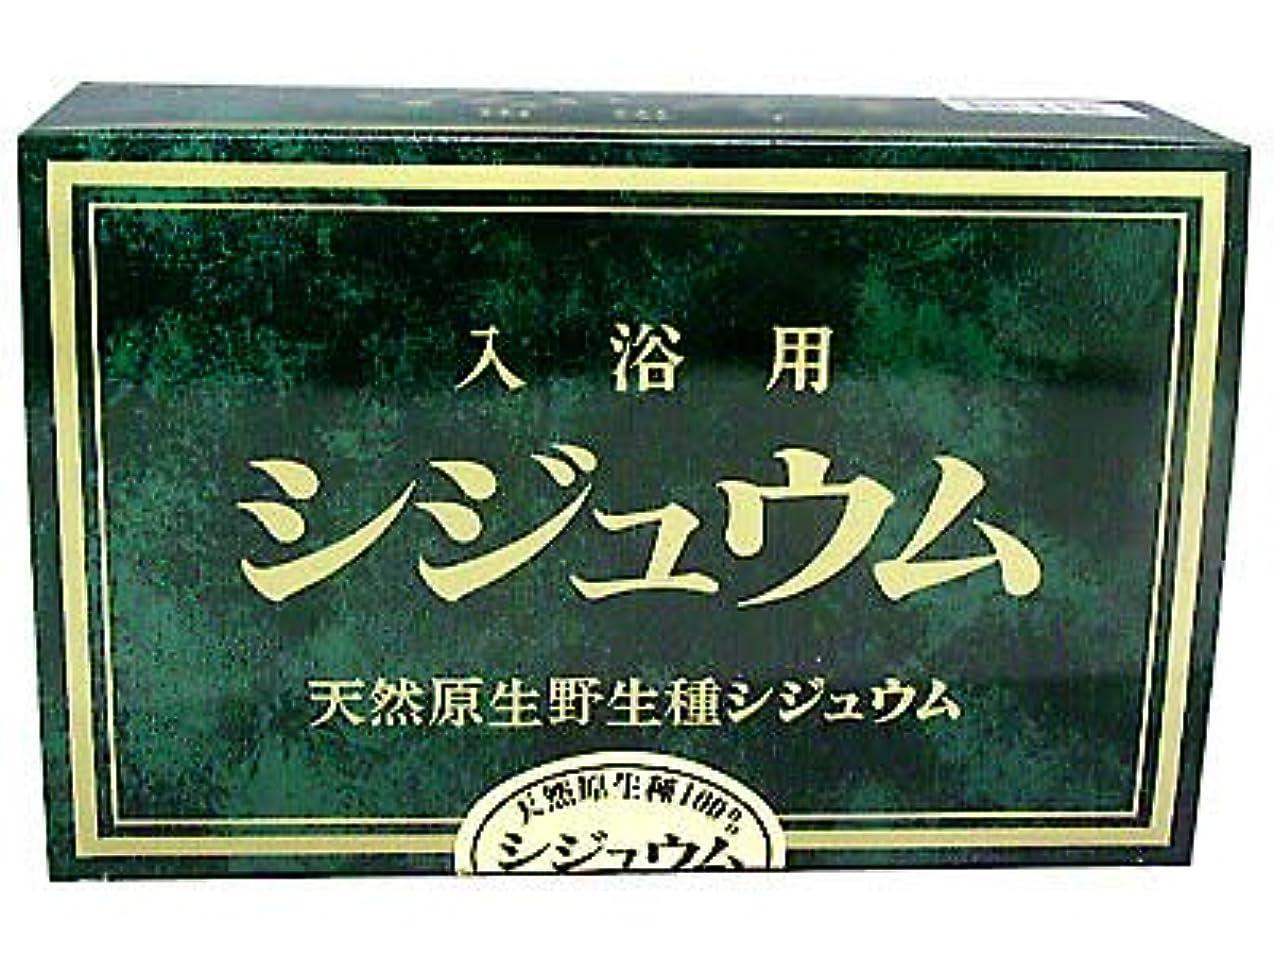 パーティー隙間アフリカOSシジュウムシリーズ 入浴用シジュウム 15g×30包